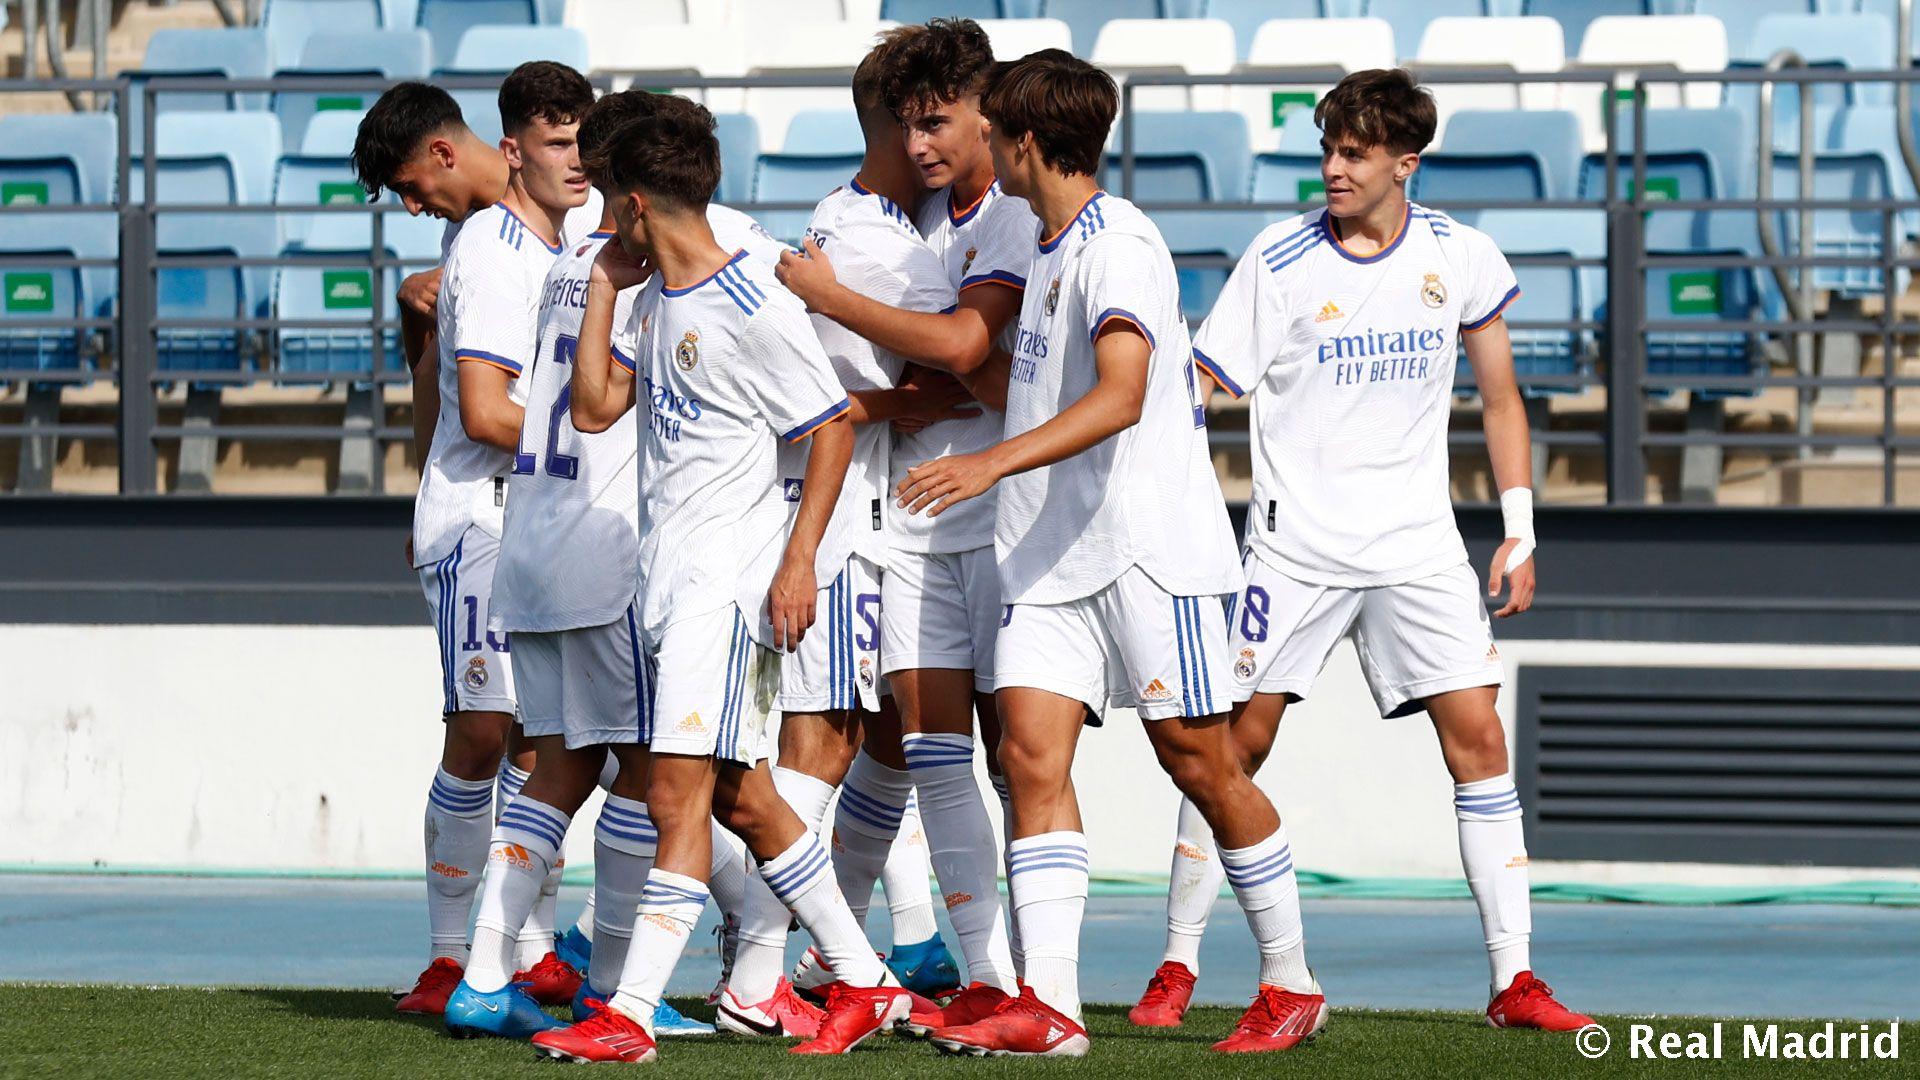 Shakhtar-Juvenil A: a por el triunfo para seguir siendo líderes en la Youth League